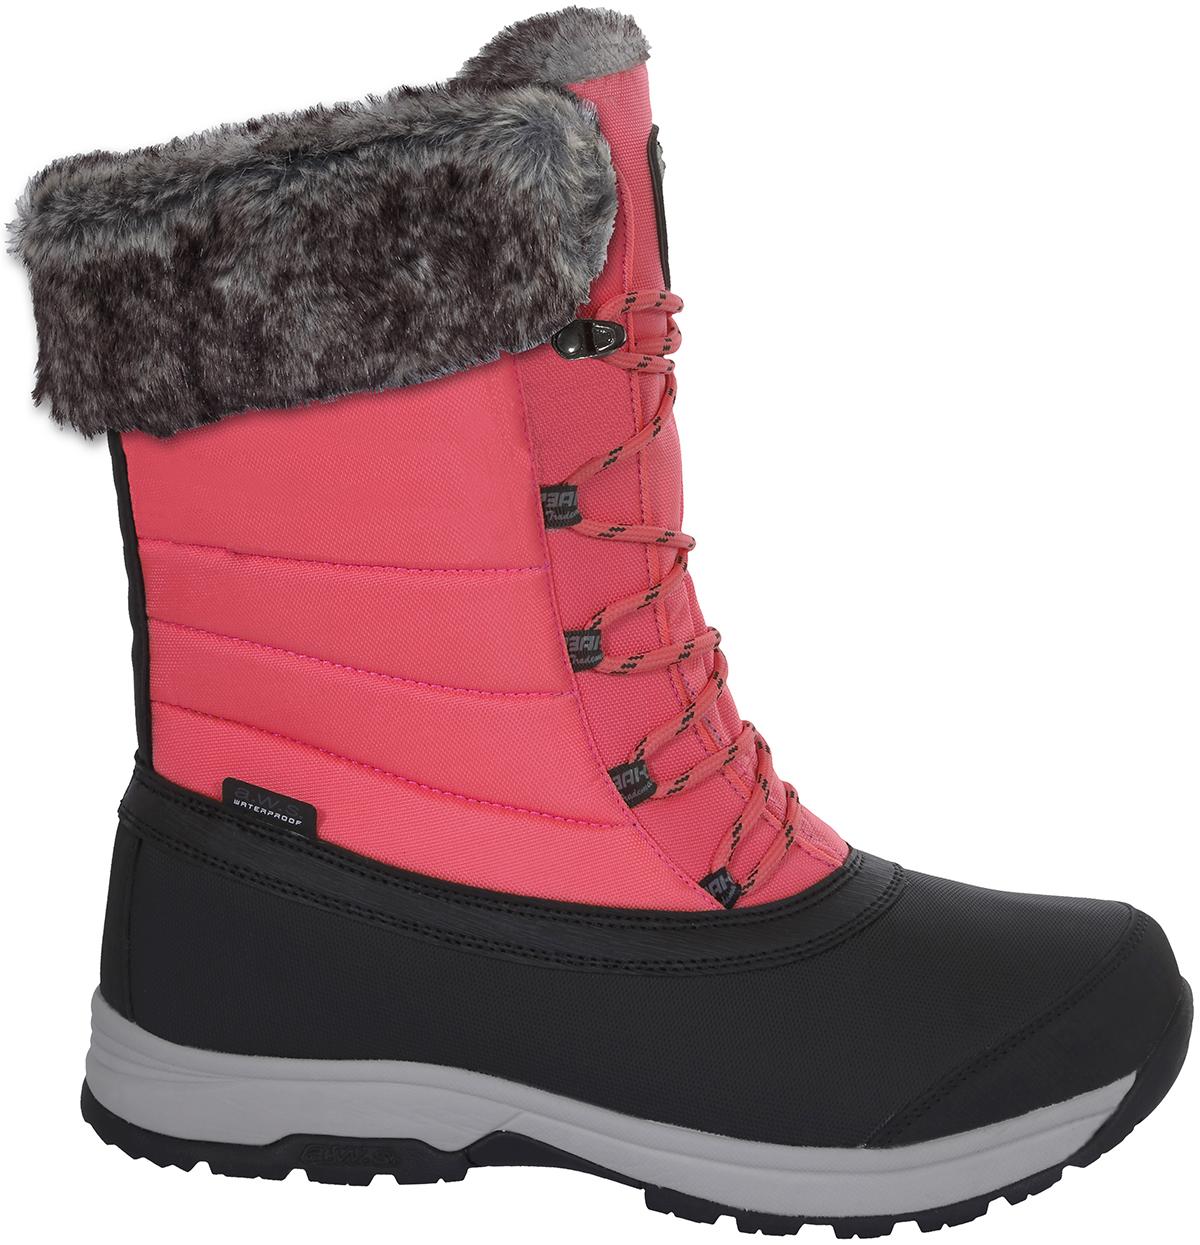 Ботинки женские Icepeak, цвет: розовый, черный. 875218100IV_635. Размер 41 (40)875218100IV_635Женские ботинки от Icepeak выполнены из водонепроницаемого нейлона и полиуретана. Модель фиксируется на ноге с помощью шнуровки. Подкладка из искусственного меха и войлочная стелька обеспечивают мягкость и тепло. Стойкая к истиранию, прочная резиновая подошва гарантирует отличное сцепление с поверхностью.